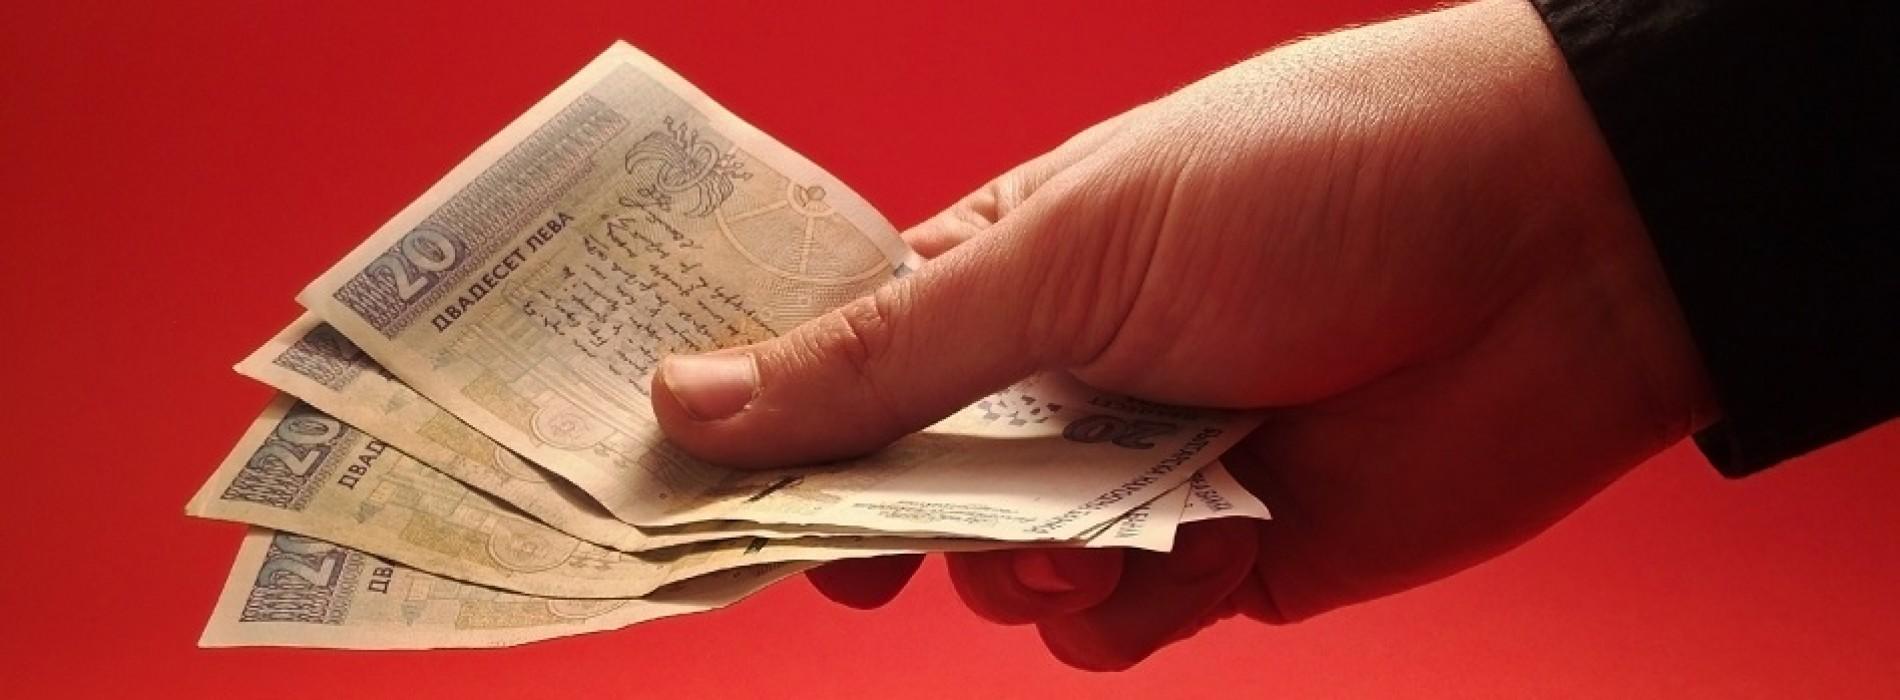 Jak odliczyć darowizny w zeznaniu rocznym